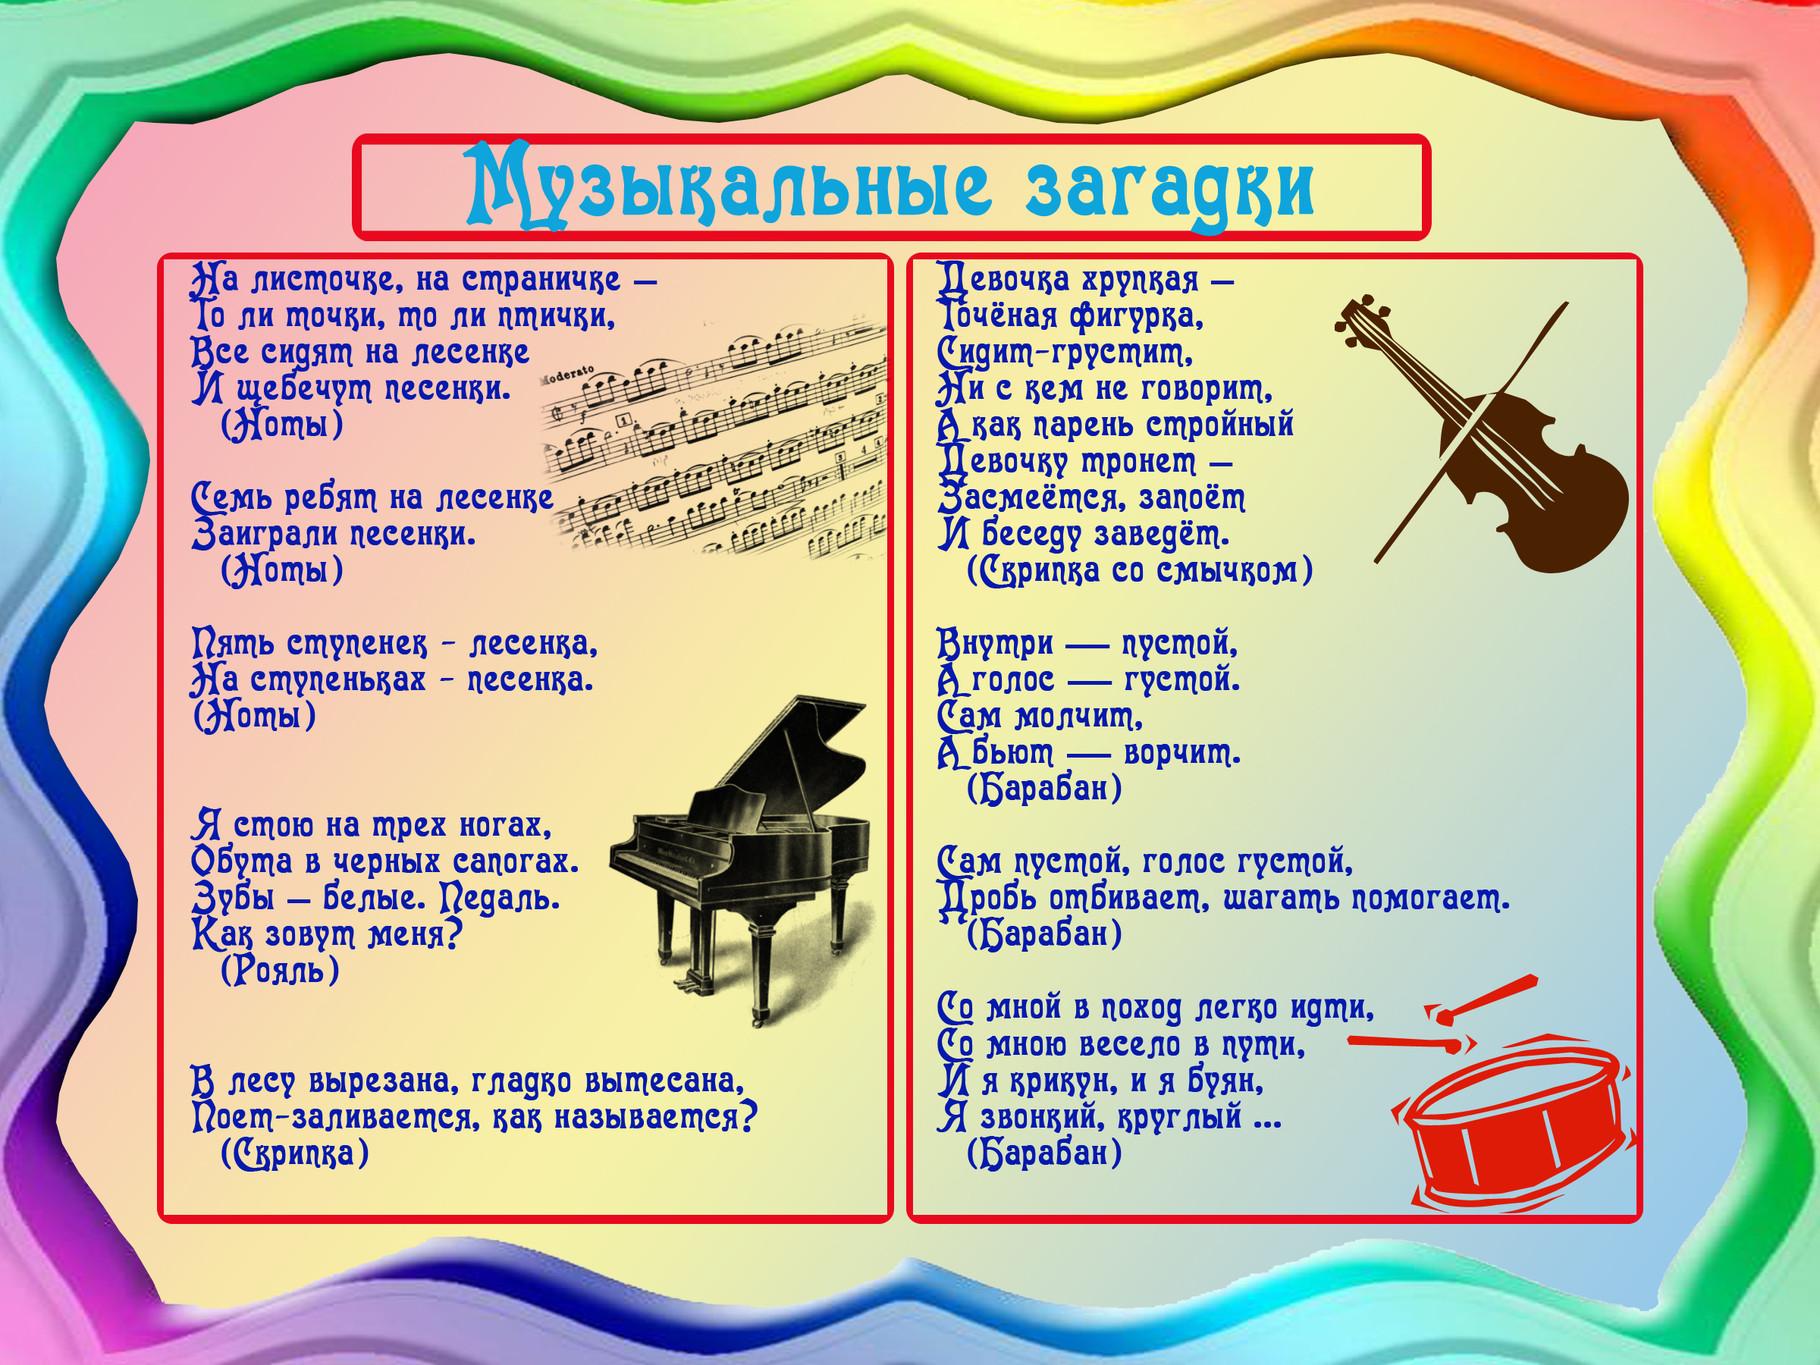 Загадки о музыкальных инструментах в картинках